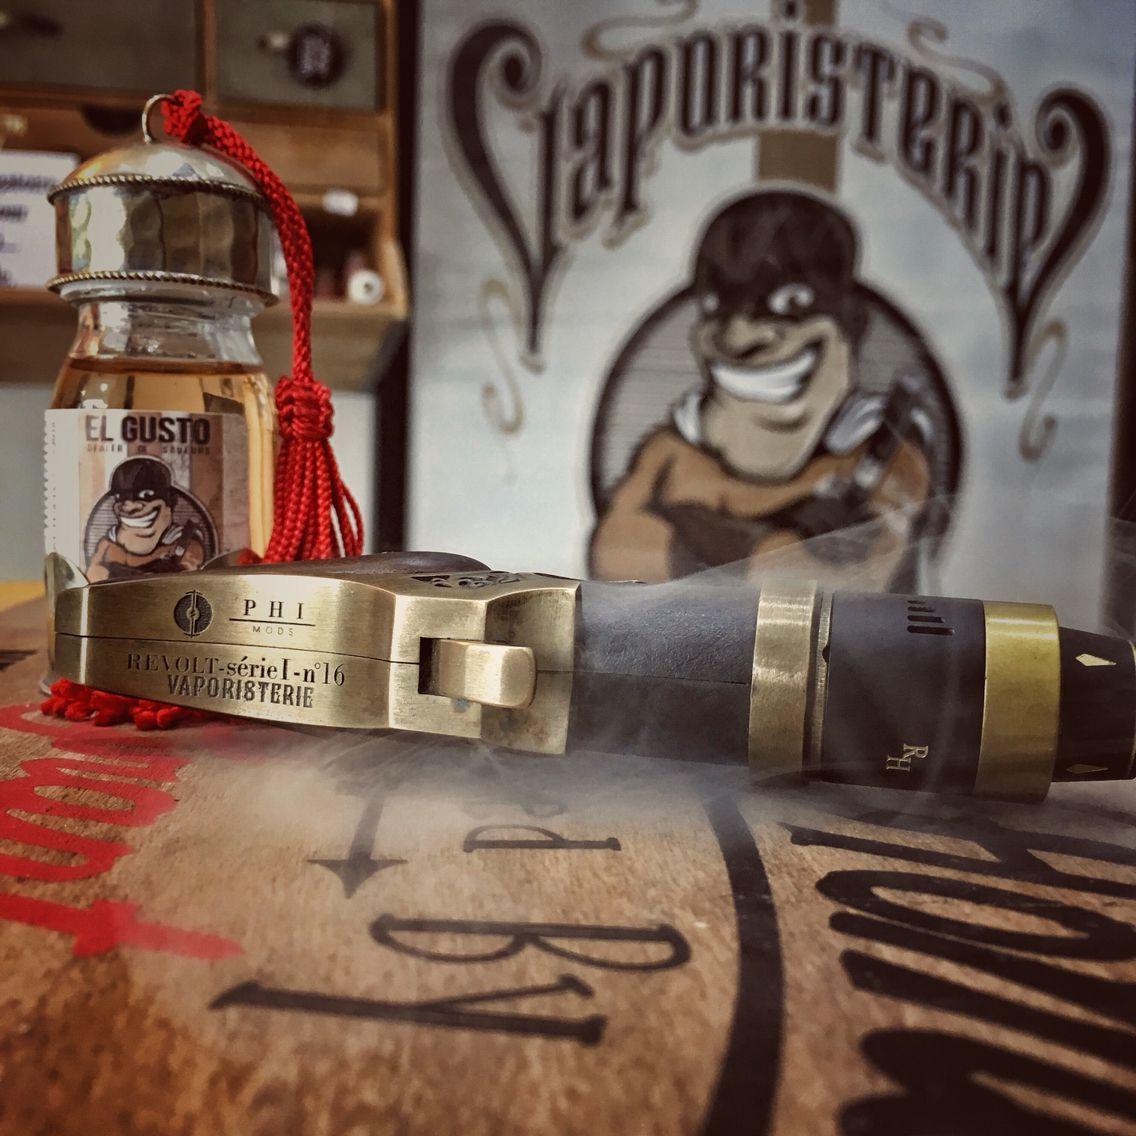 """E-liquide Tabac gourmand """"EL GUSTO"""" de la gamme DEALER DE SAVEURS... Arôme aux notes de Tabac et de dattes. Falcon 10ml Disponible en 0 - 1,5 - 3 et 6mg de nicotine/ml. Fabriqué en France @PhiMods"""